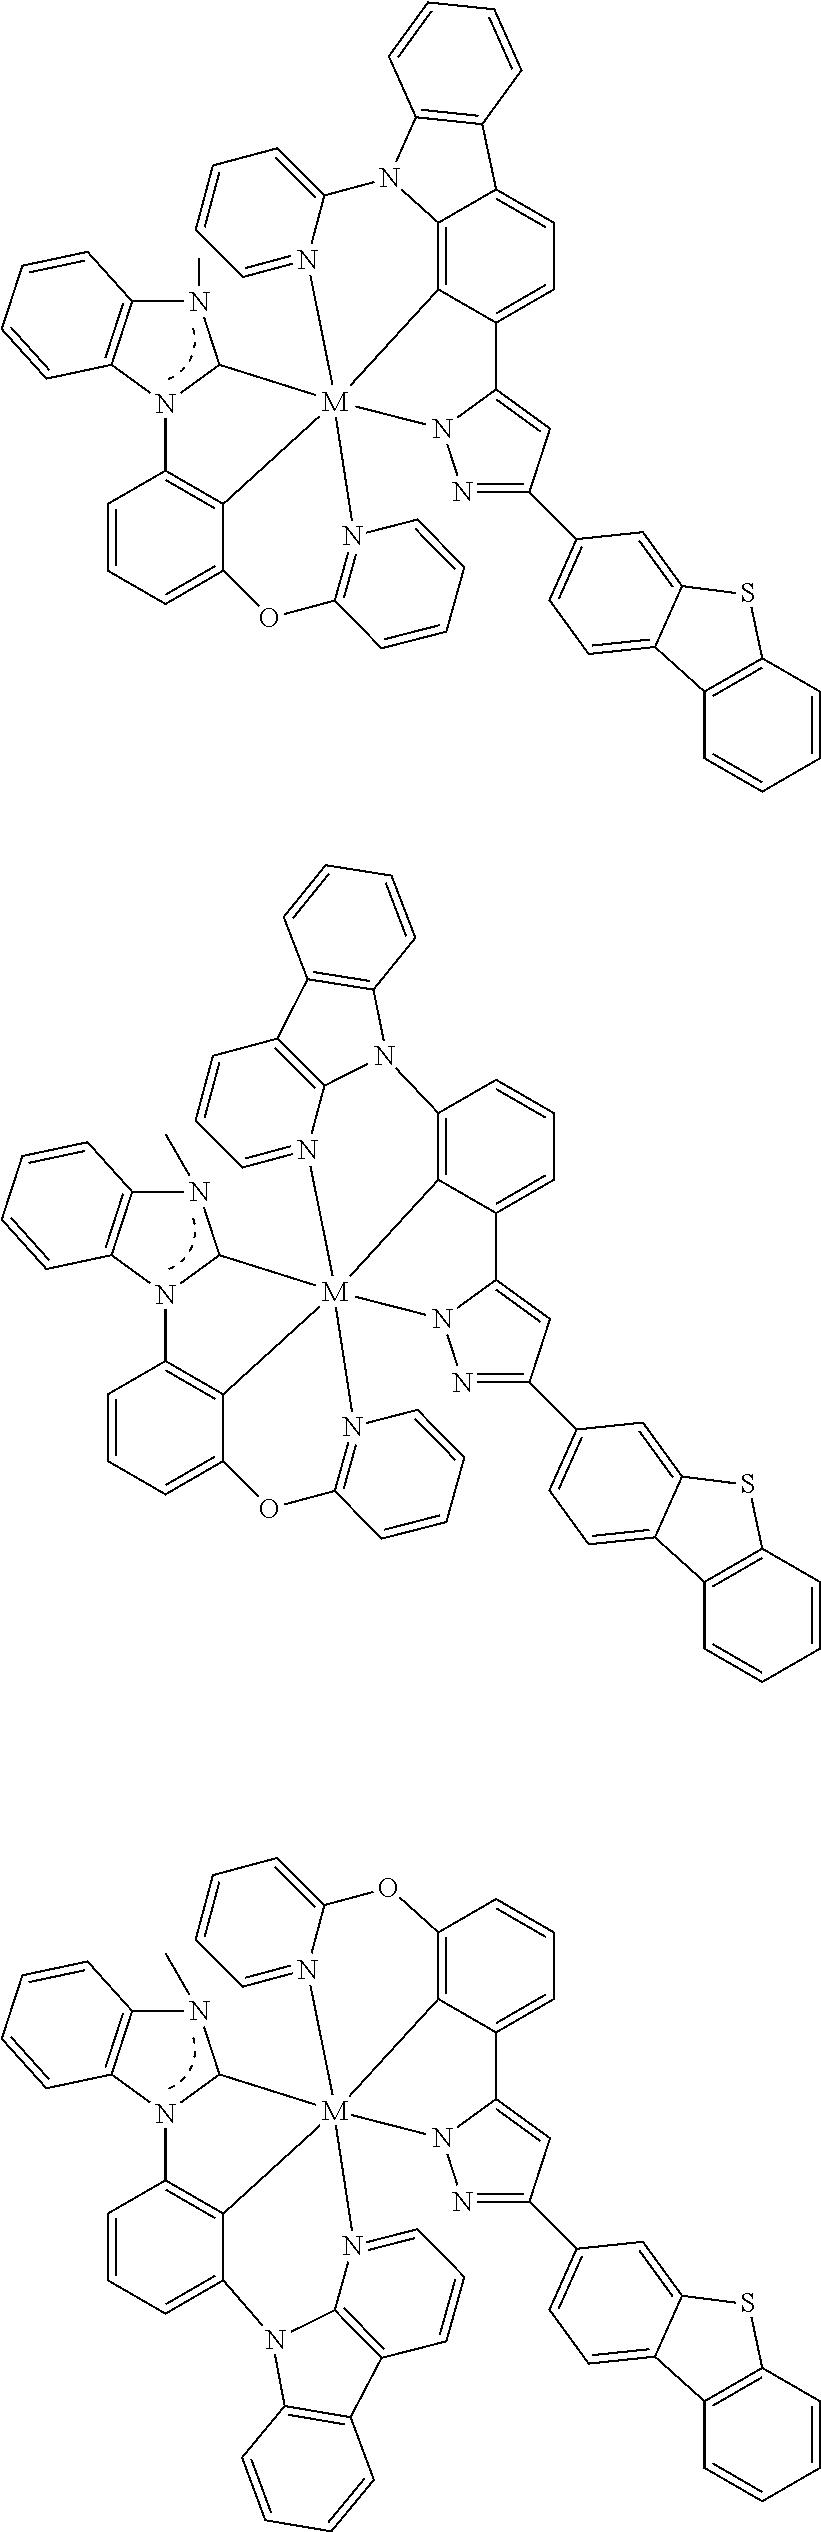 Figure US09818959-20171114-C00353